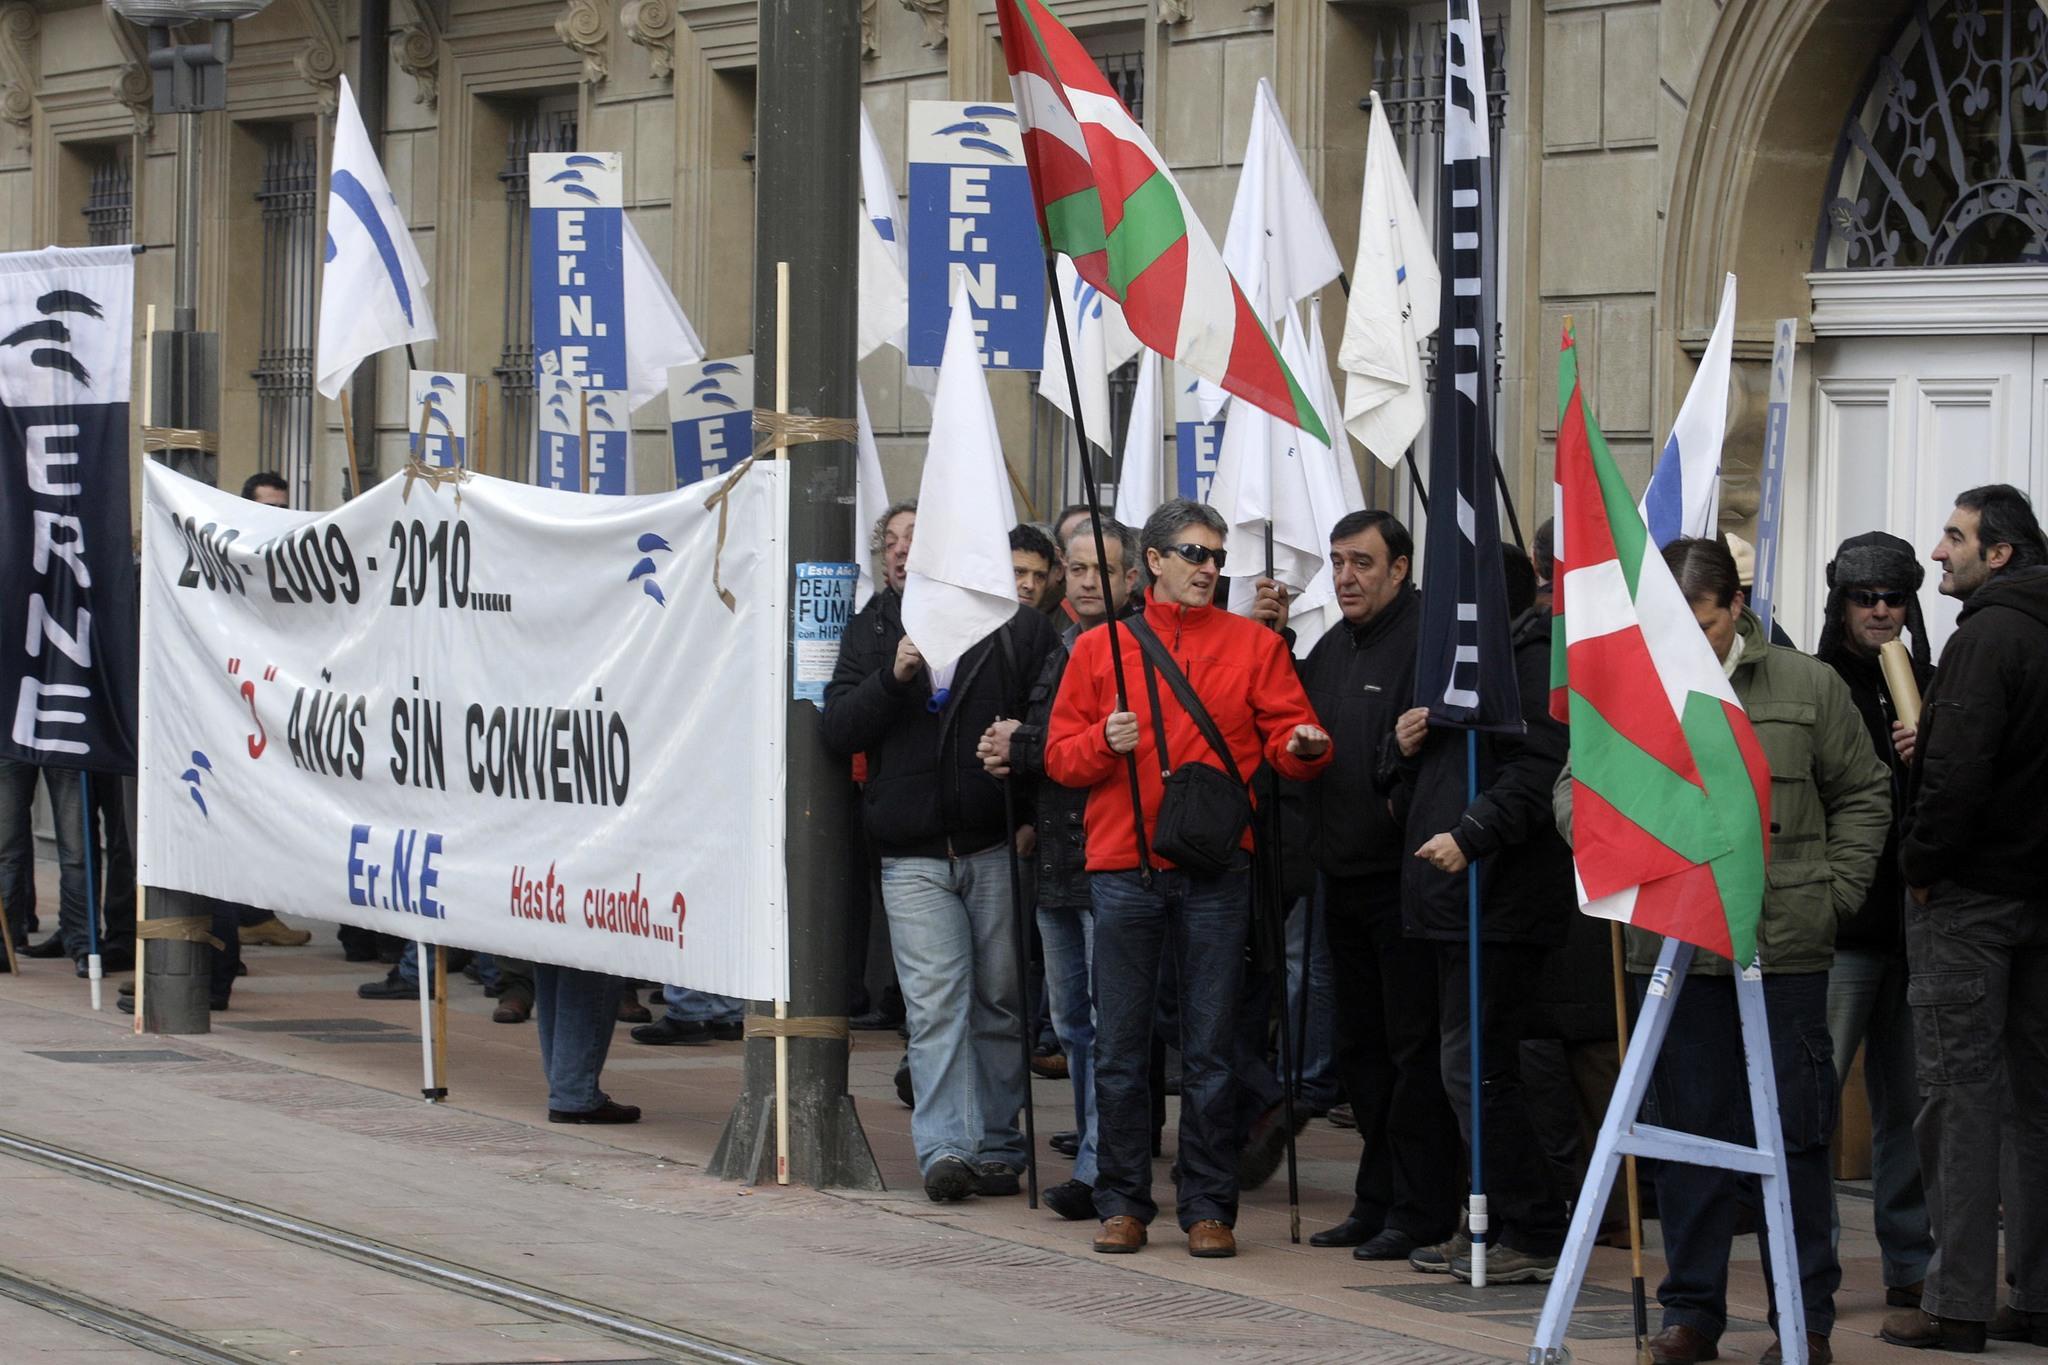 Sindicalistas de la Ertzaintza durante una de las protestas frente al Parlamento Vasco en Vitoria.